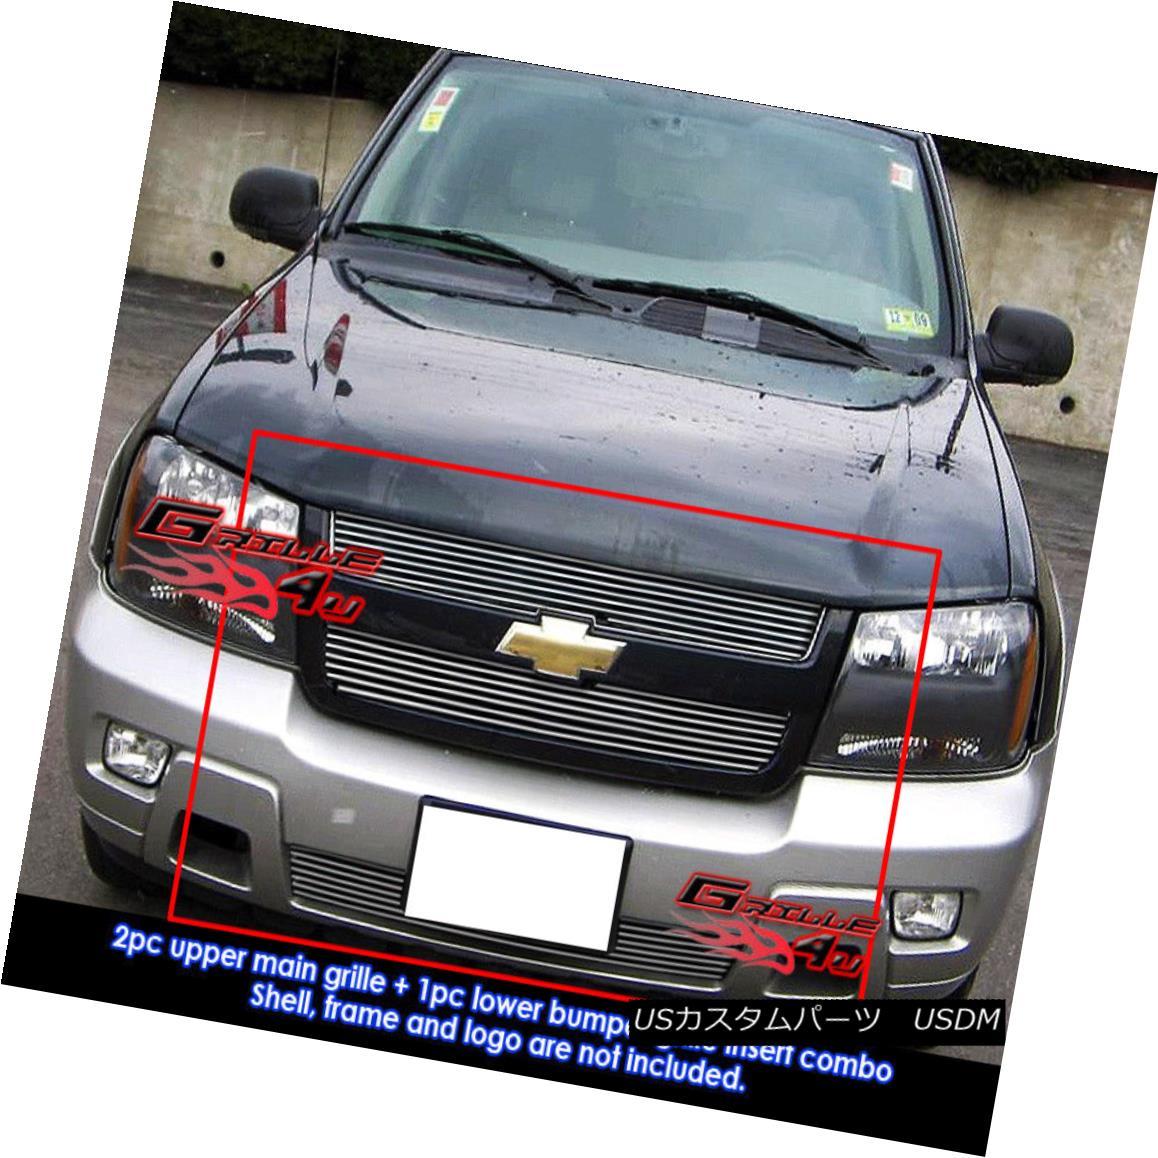 グリル Fits 2006-2009 Chevy Trailblazer LT Billet Grille Combo Insert フィット2006-2009シボレートレイルブレイザーLTビレットグリルコンボインサート